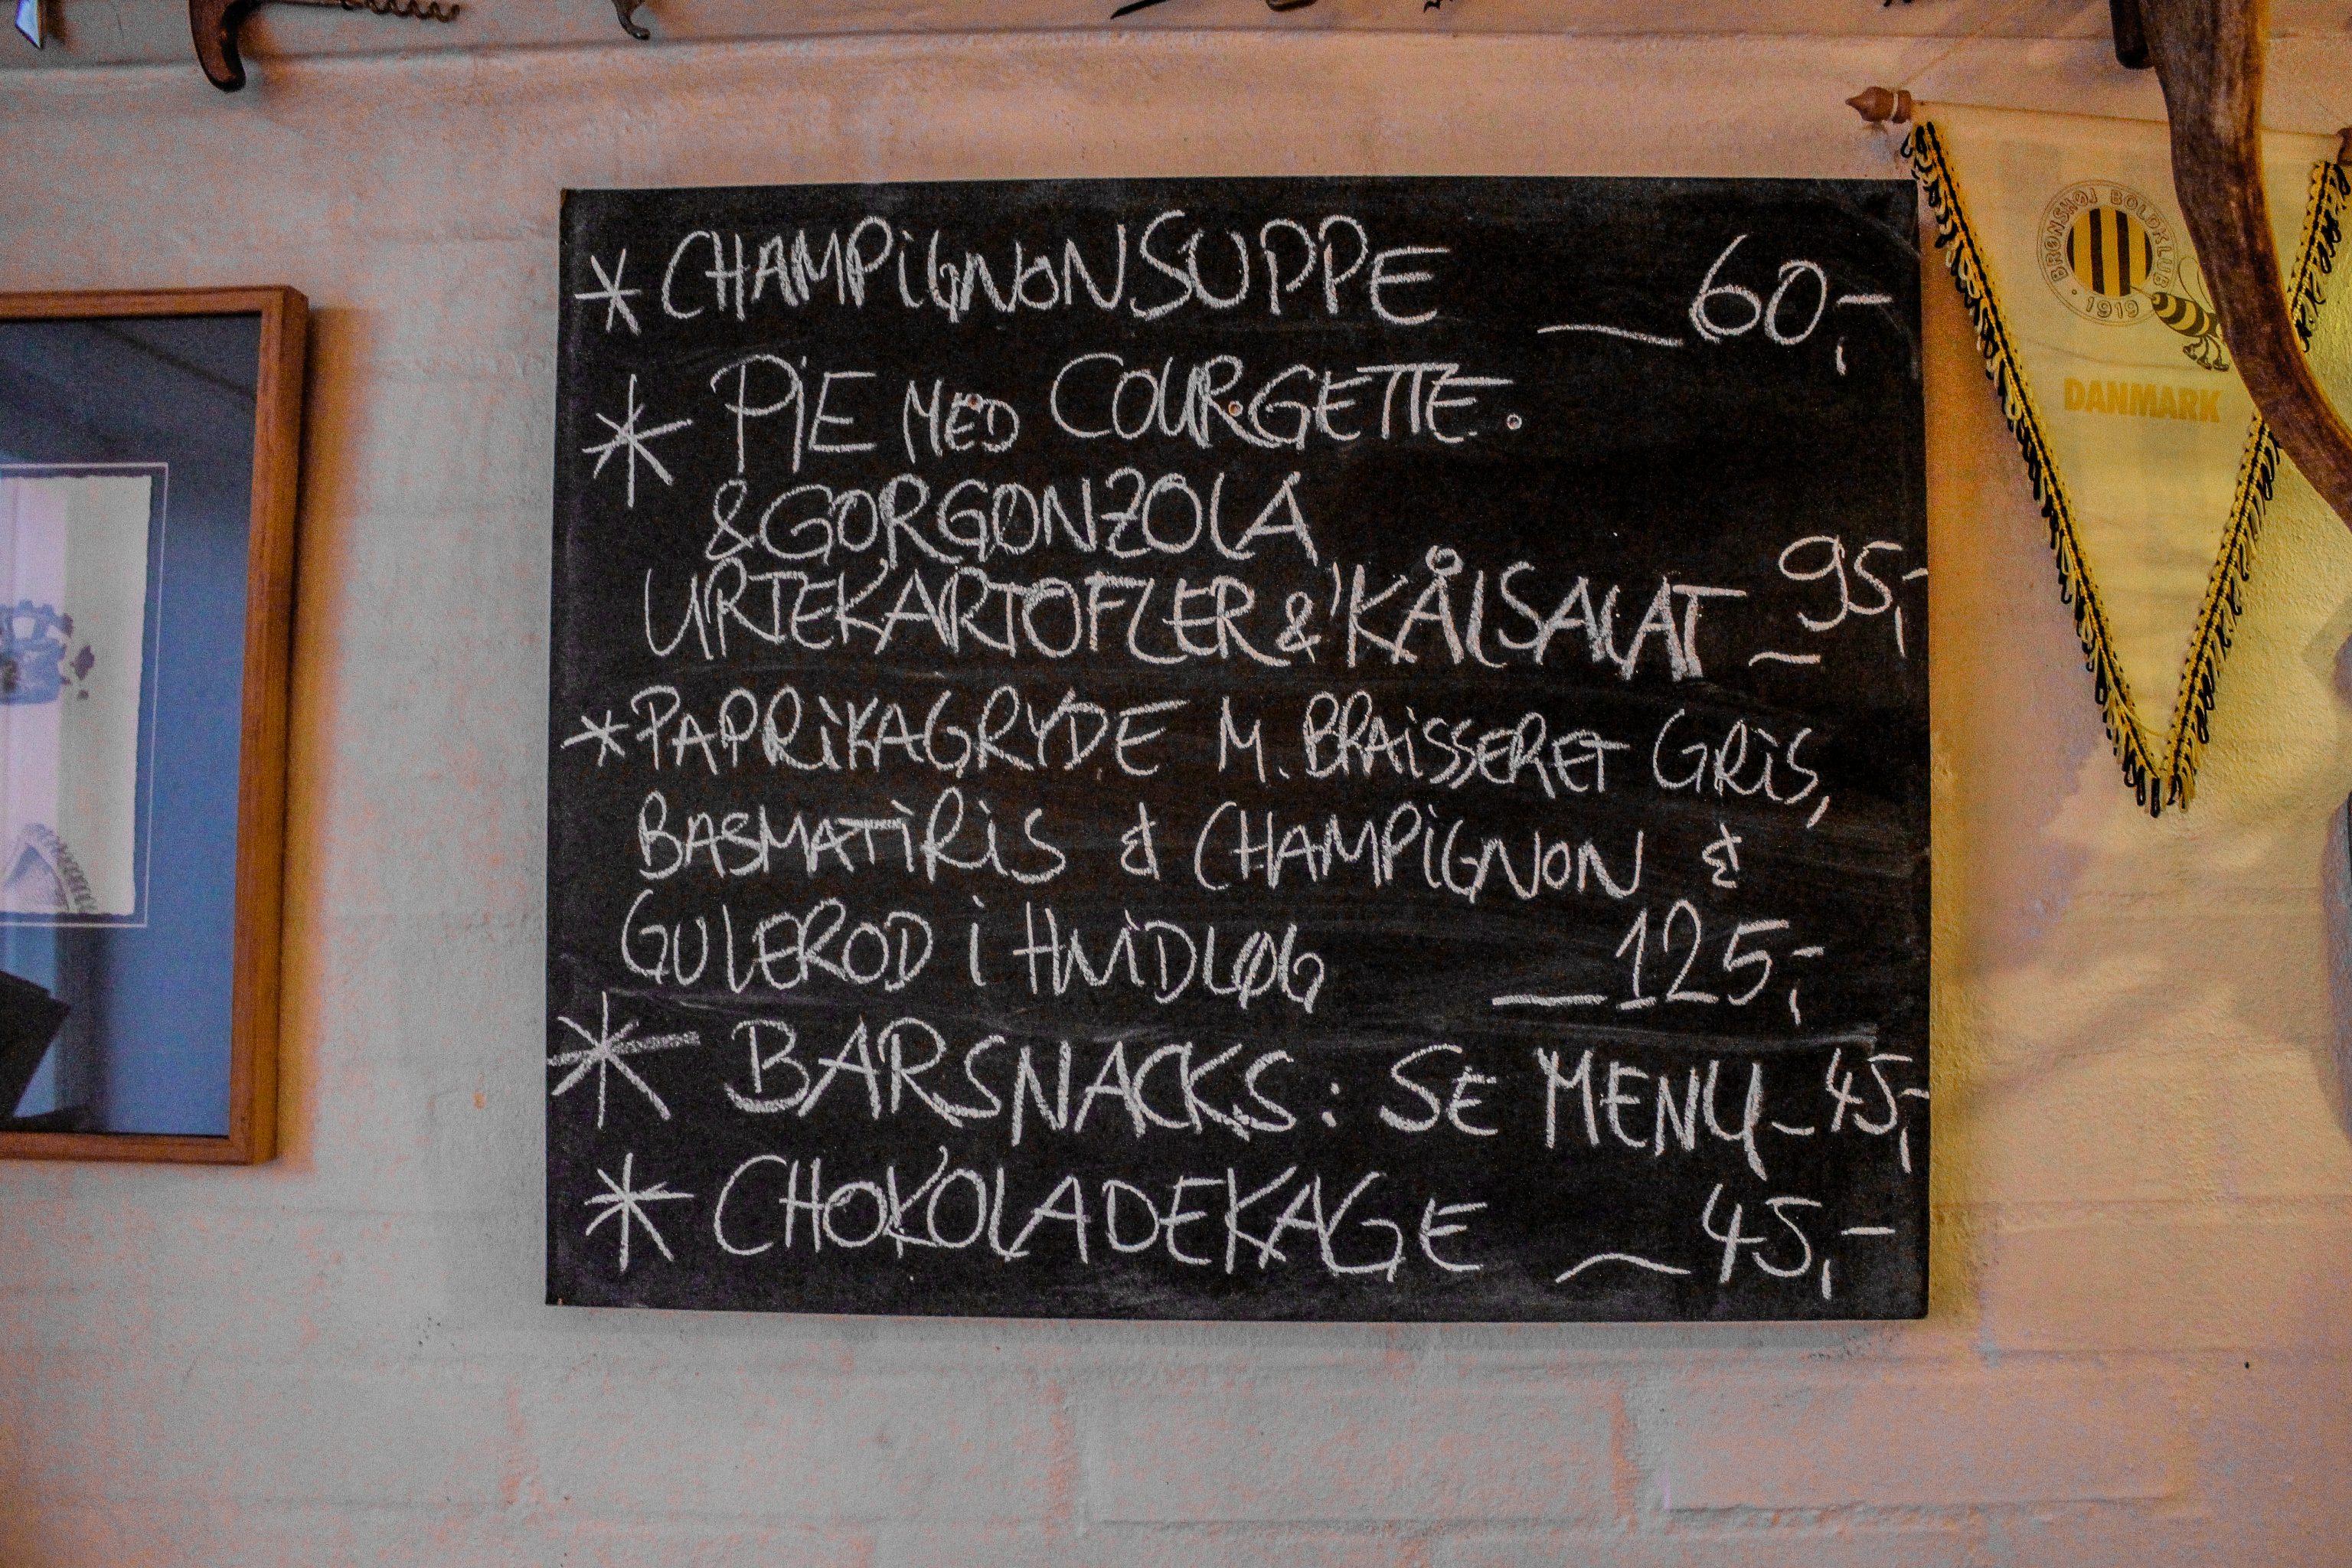 Vinbaren Provianten i Gudhjem er en ud af mange gode restauranter og spisesteder på Bornholm